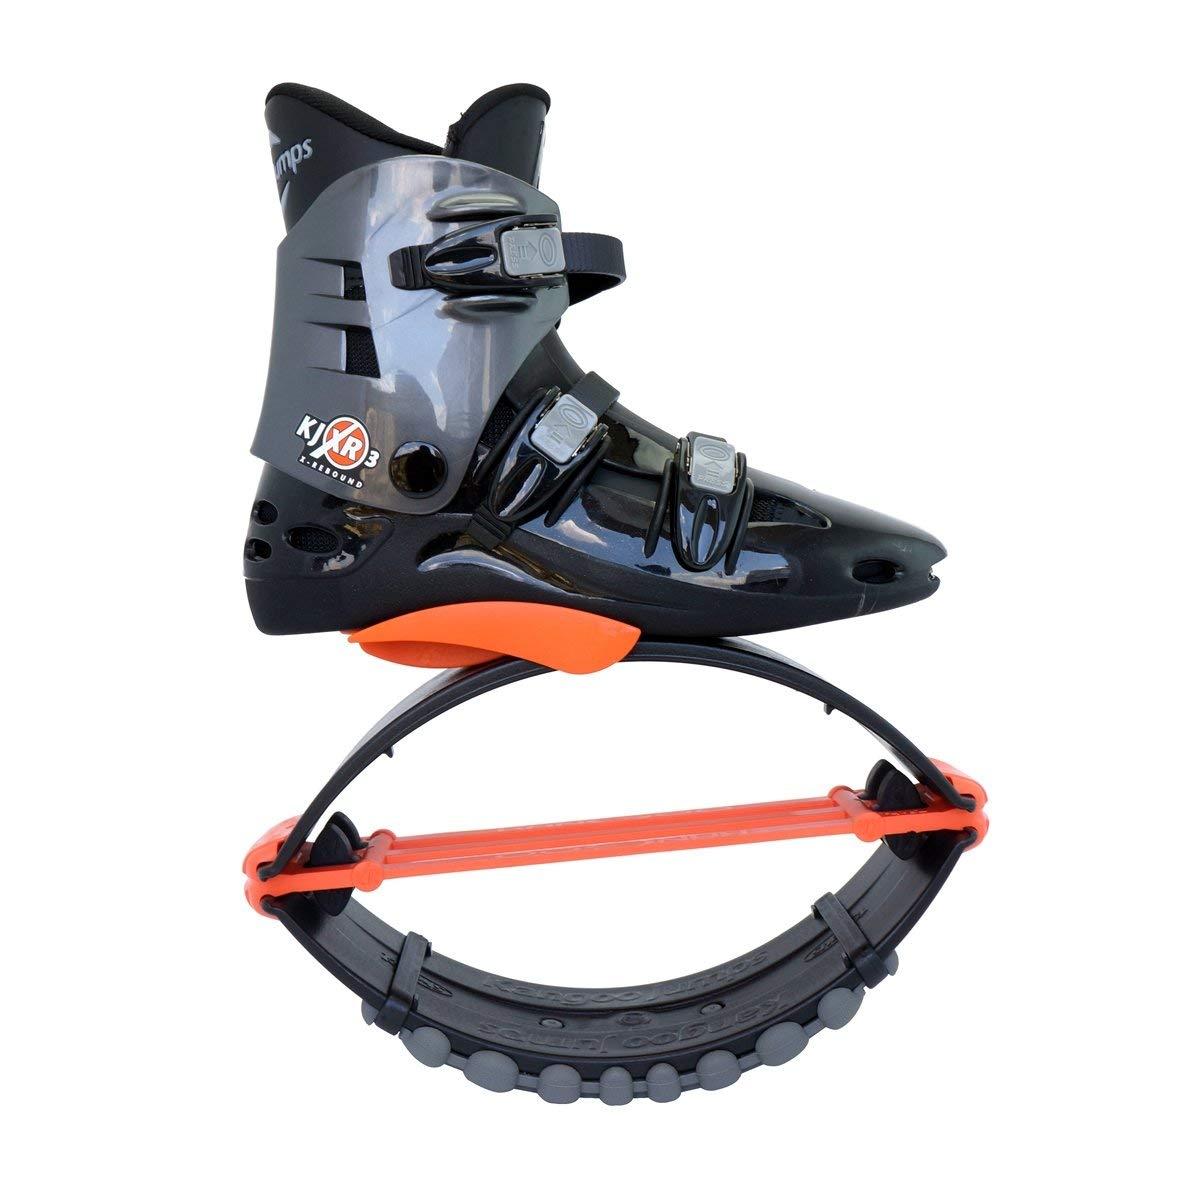 Zapatos de rebote Kangoo salta XR3, negro/naranja, 9 - 10: Amazon.es: Deportes y aire libre